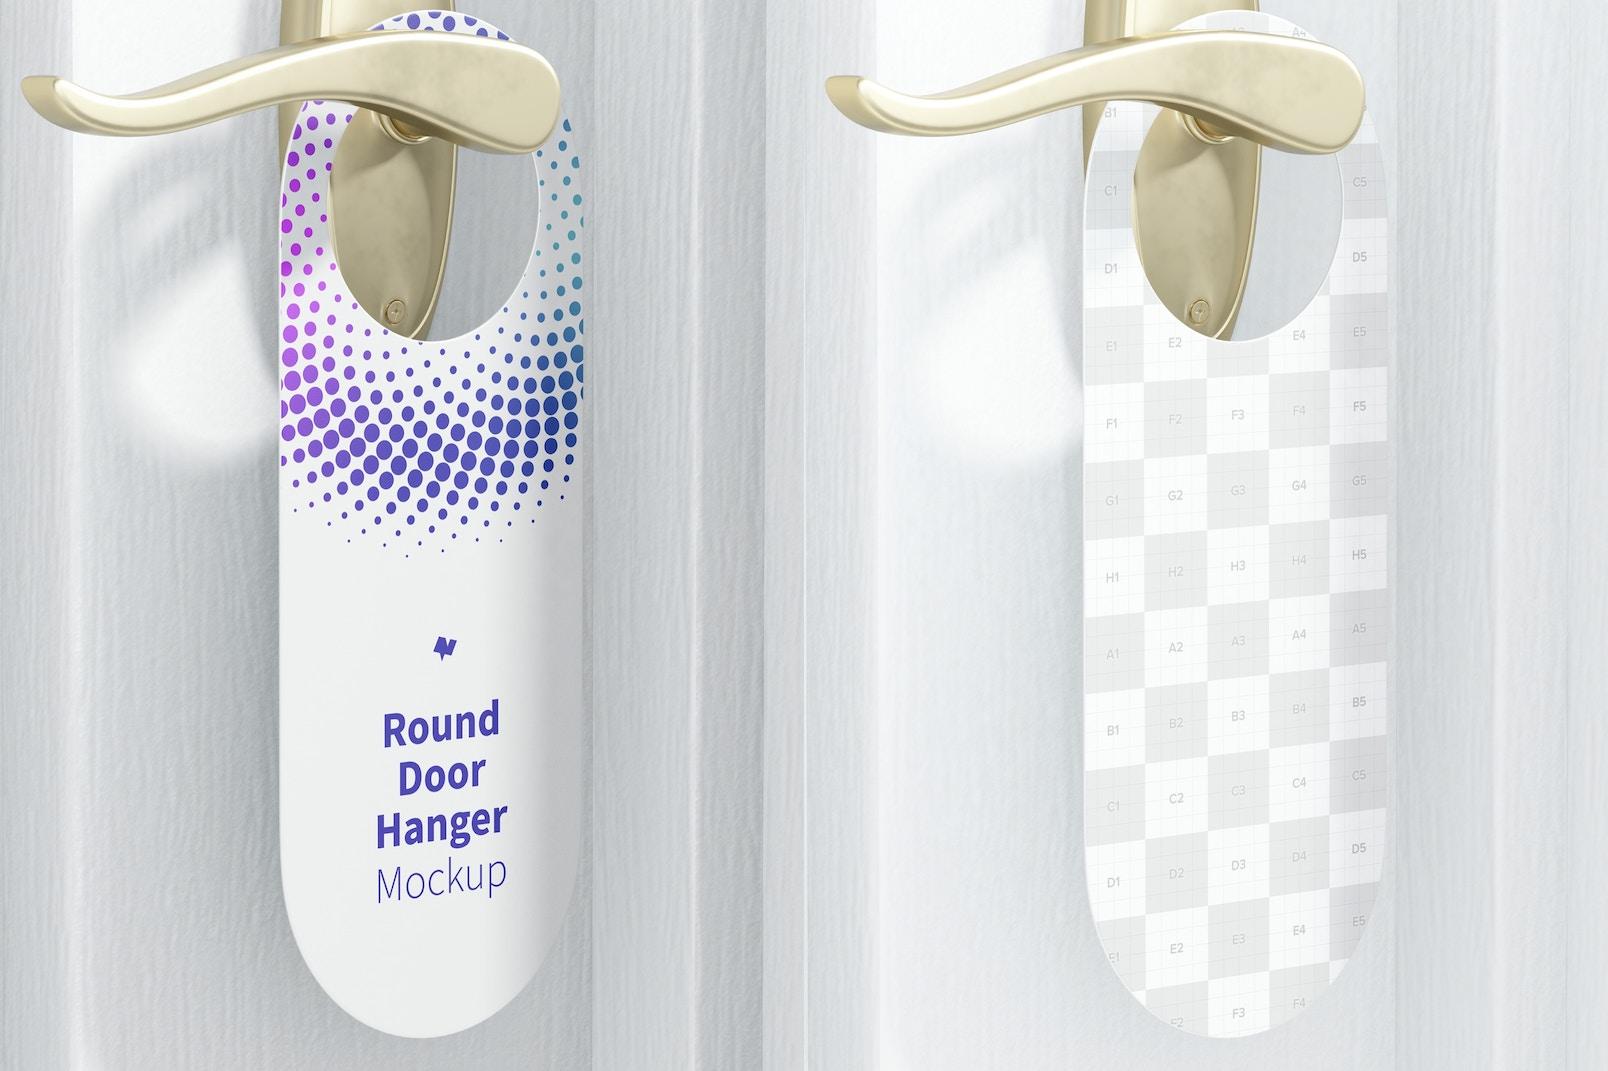 Round Door Hanger Mockup, Right View